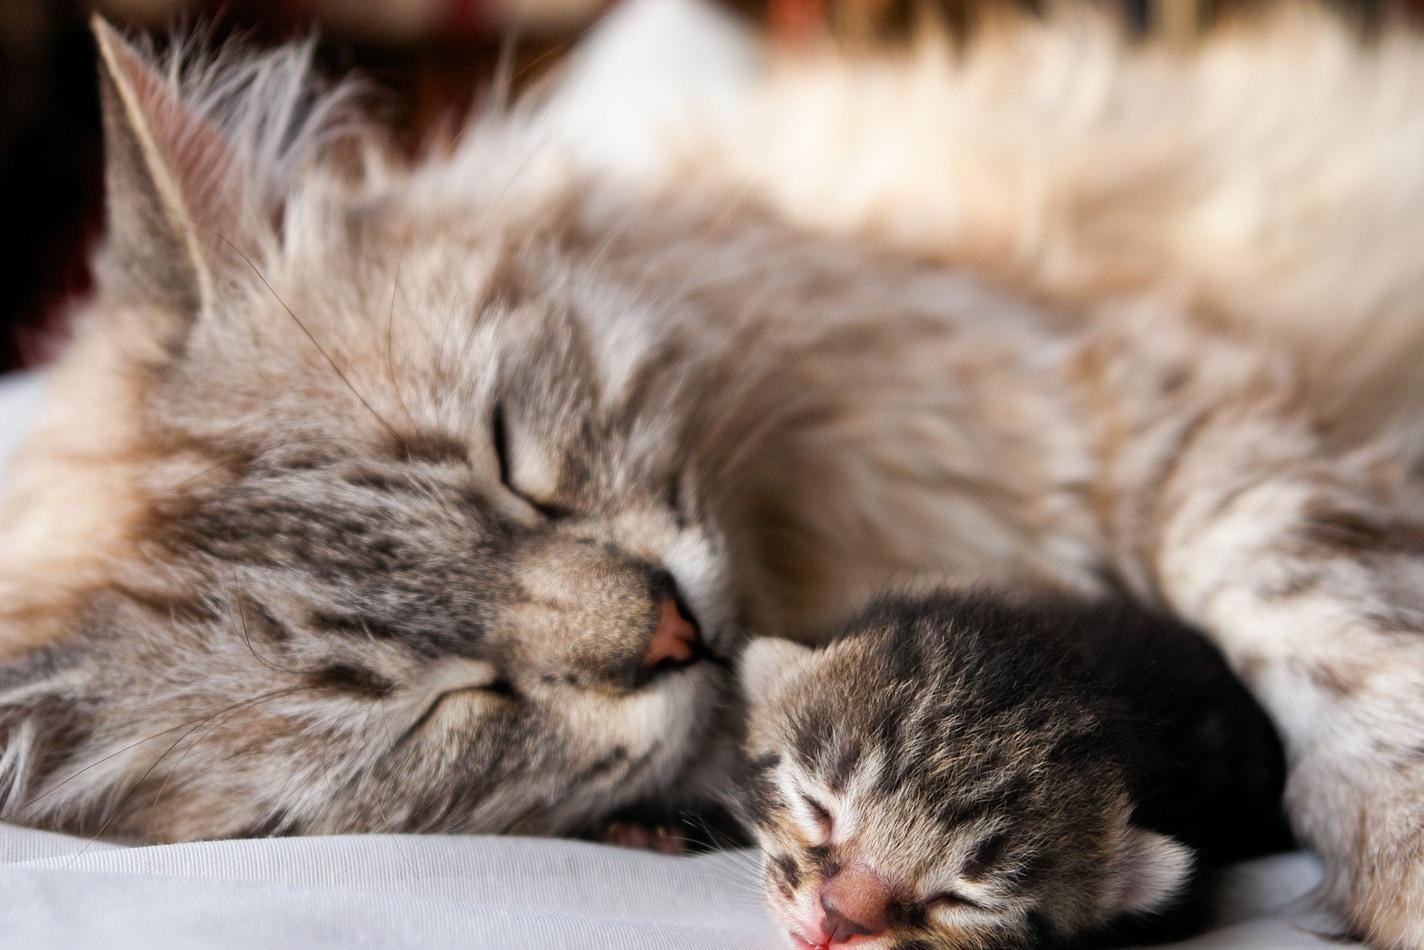 weekly kitten development timeline